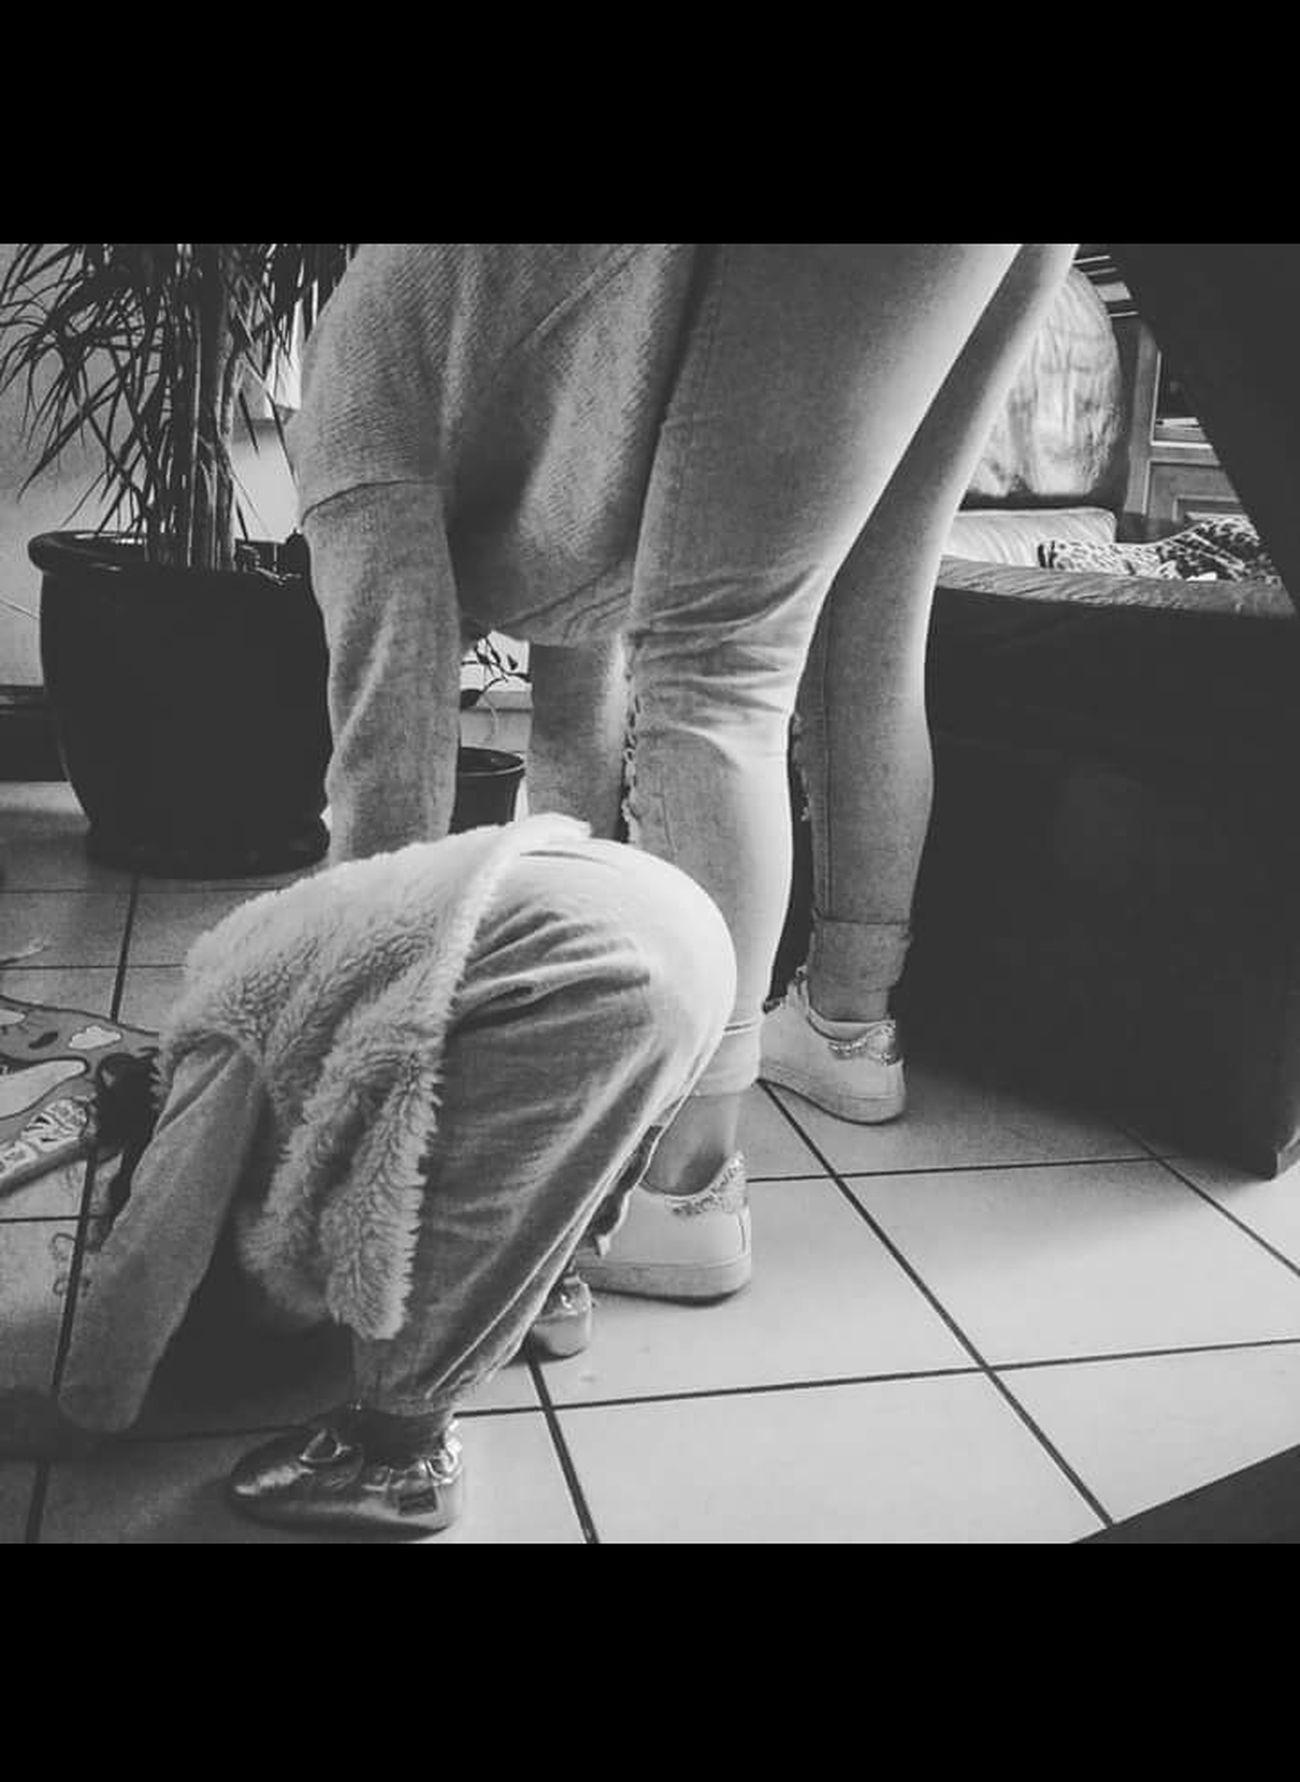 Hacer el yoga con su sobrina 😘 Yoga Deporte Sport Children Niñas Girls Love Amor